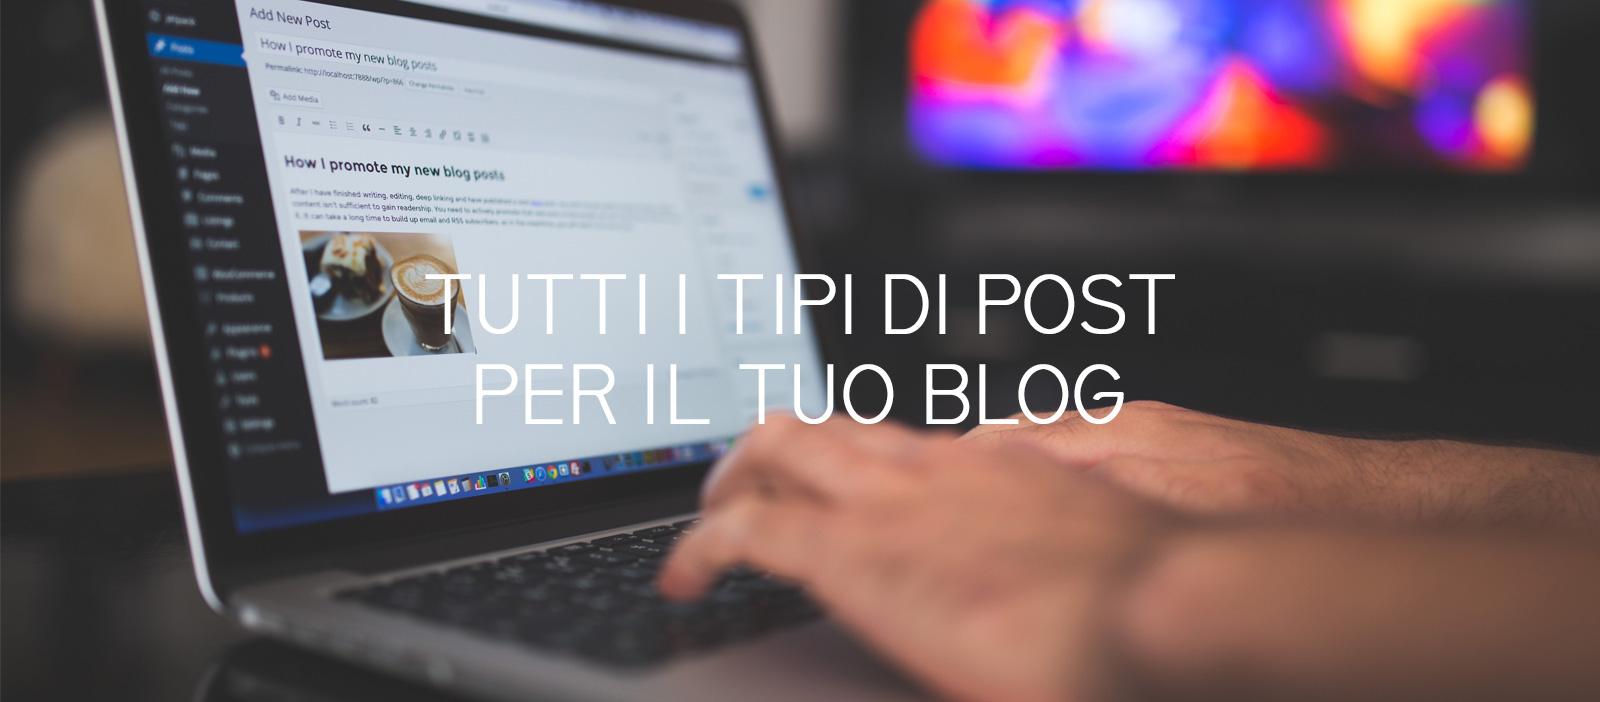 Tutti i tipi di post per il tuo blog: qualche idea per il tuo piano editoriale